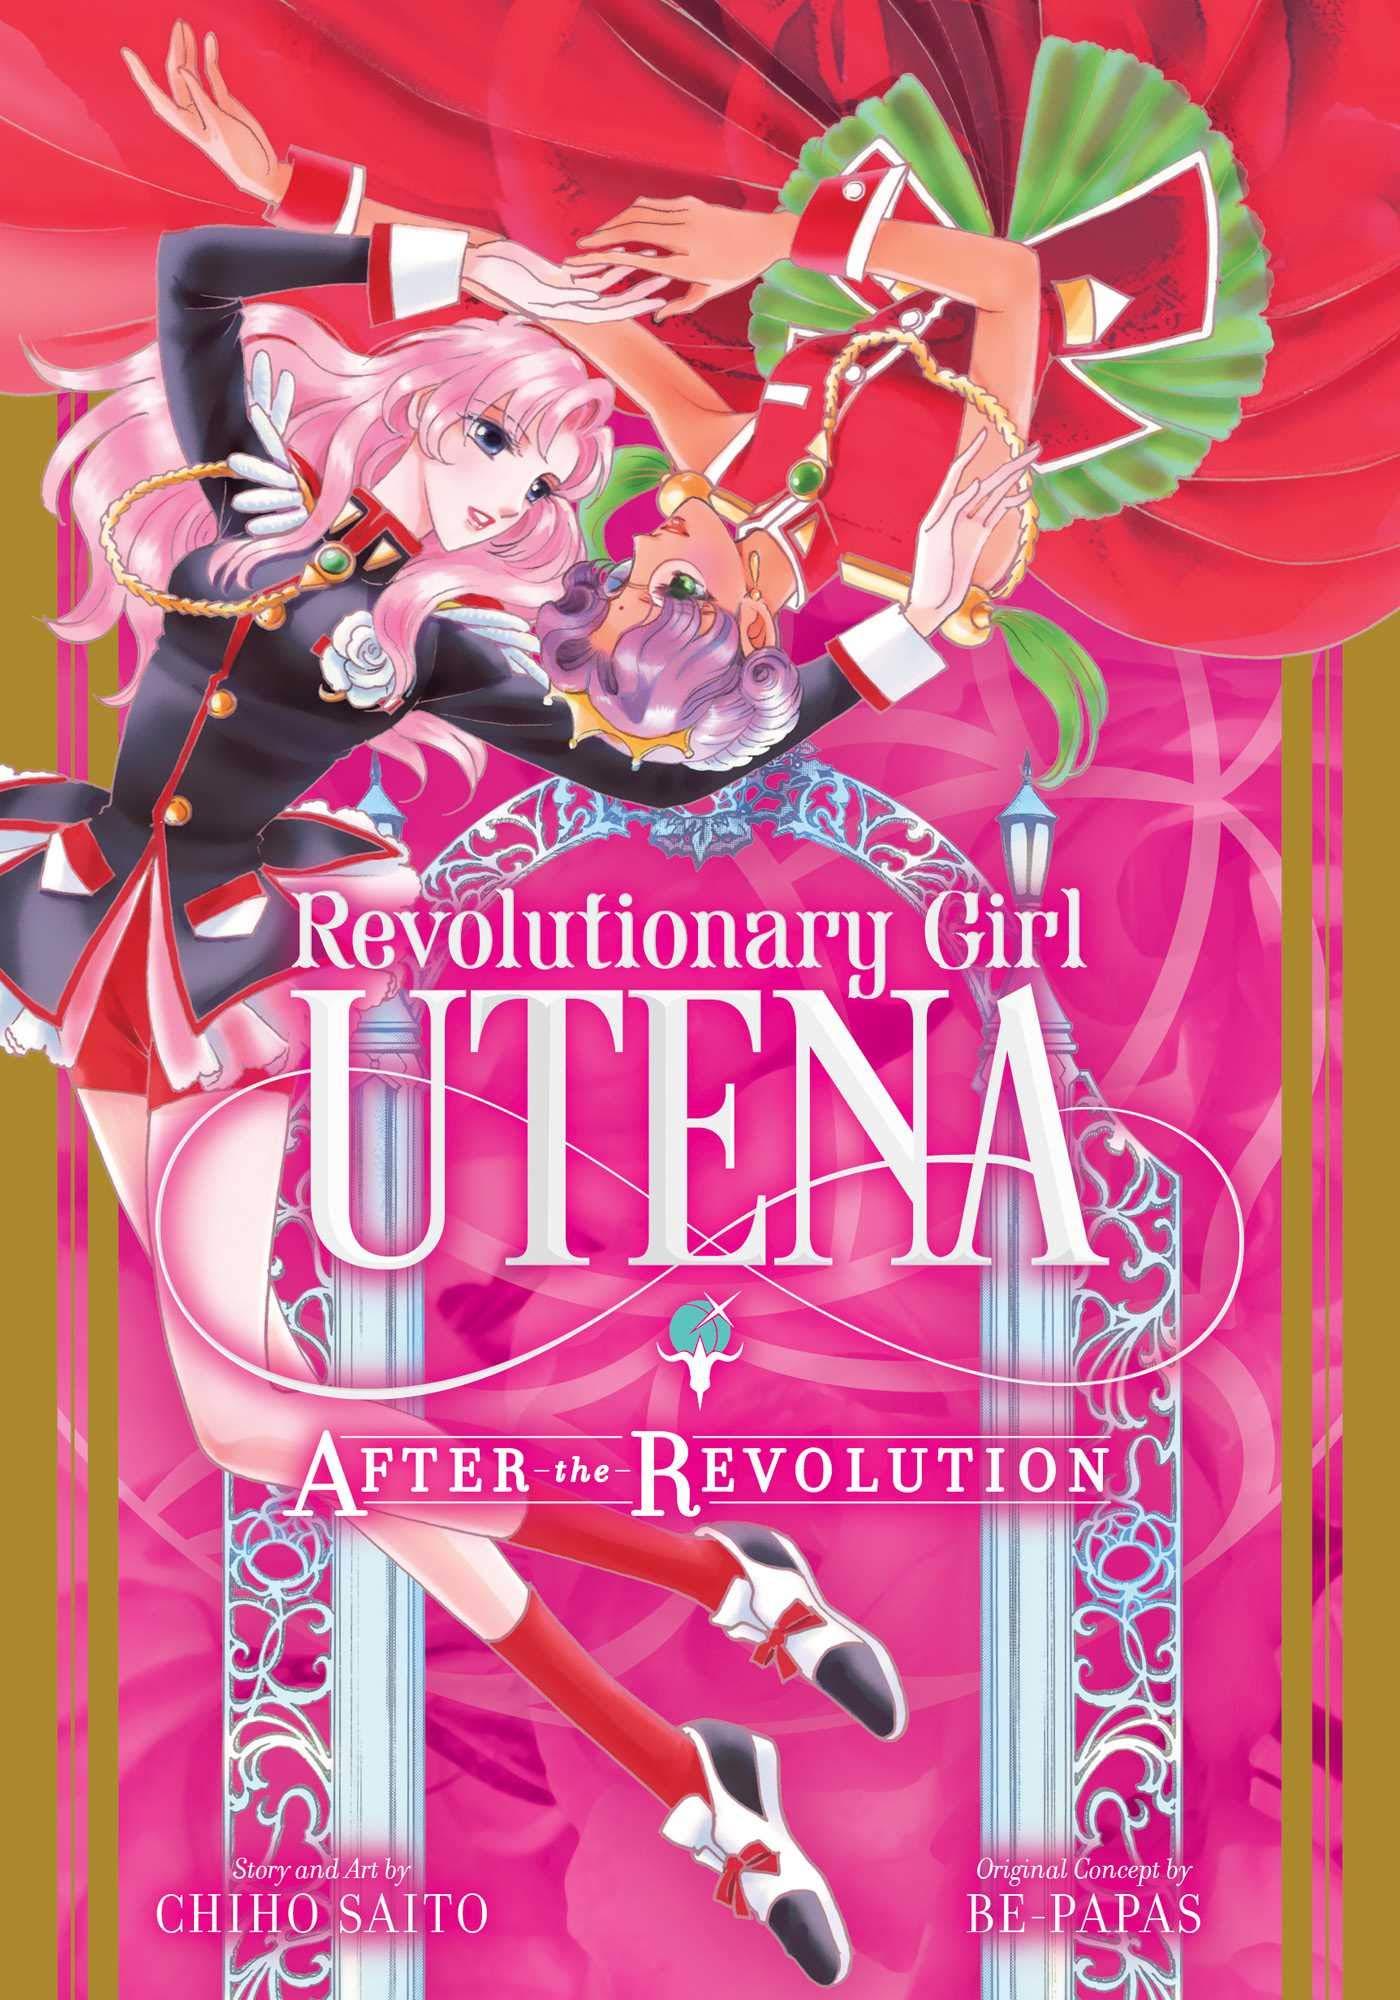 revolutionary girl utena after the revolution 1